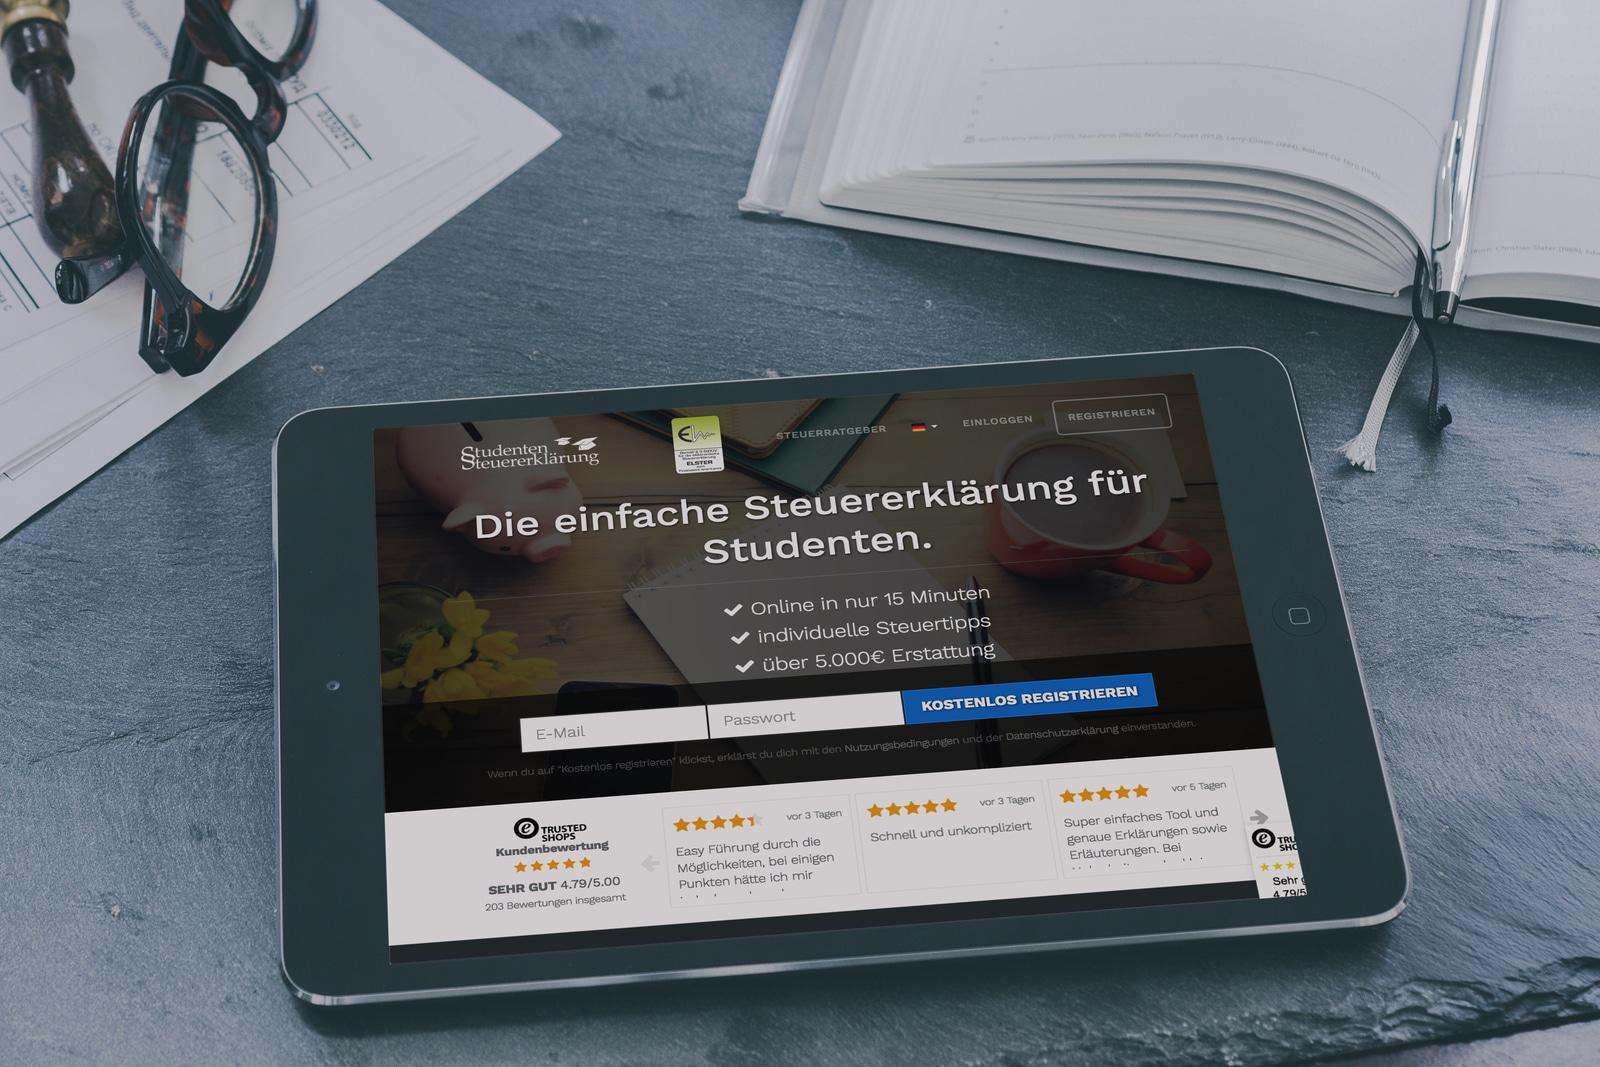 iPad mit der Website von studentensteuererklärung.de